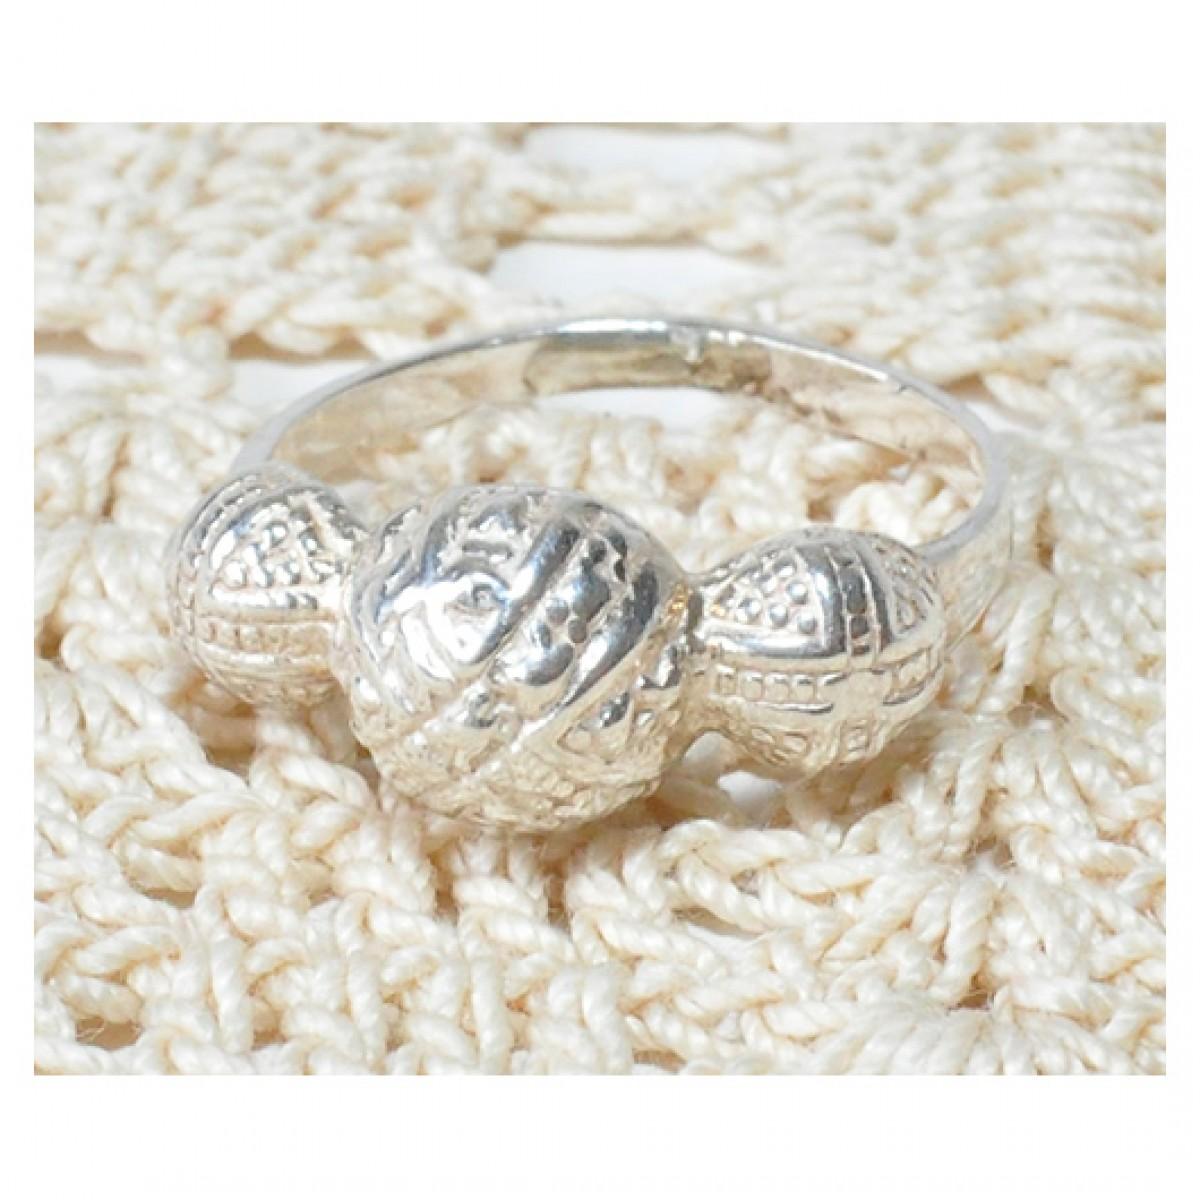 47 pierścionek vintage, srebrny, delikatny pierścionek, trzy małe kopułki; sygnowany;